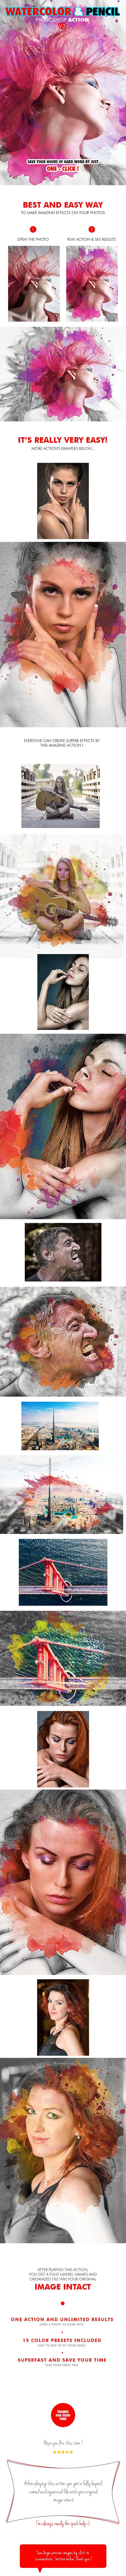 Watercolor & Pencil Photoshop Action V.2 — Photoshop ATN #blur #vintage • Download ➝ https://graphicriver.net/item/watercolor-pencil-photoshop-action-v2/18911637?ref=pxcr